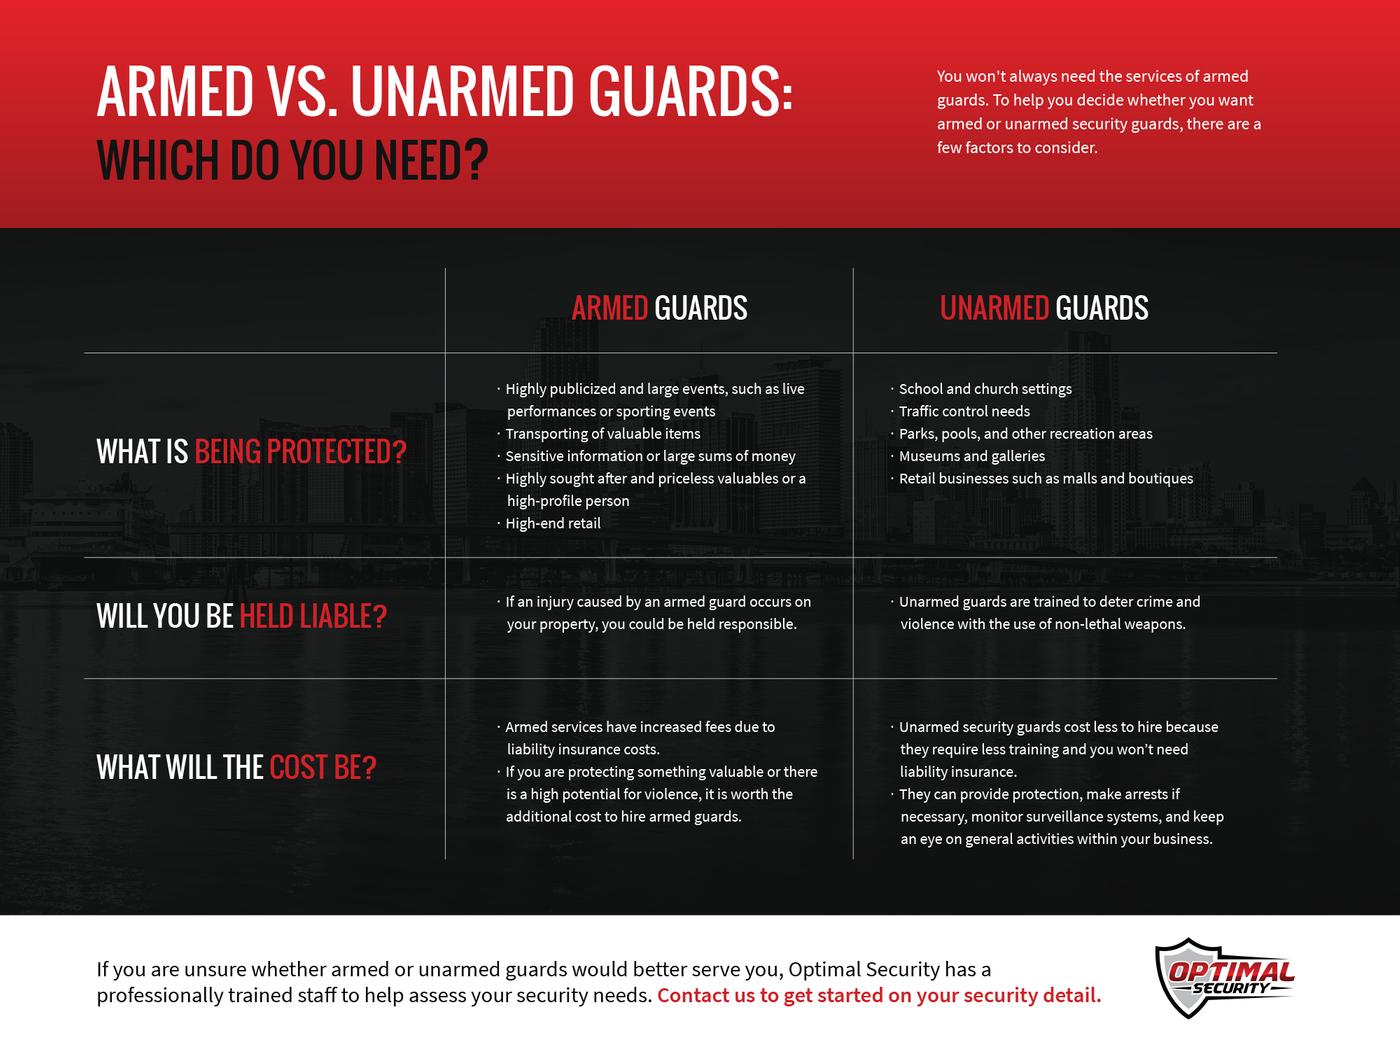 Armed-vs-Unarmed-Guard-01-5f453453c9e59.png